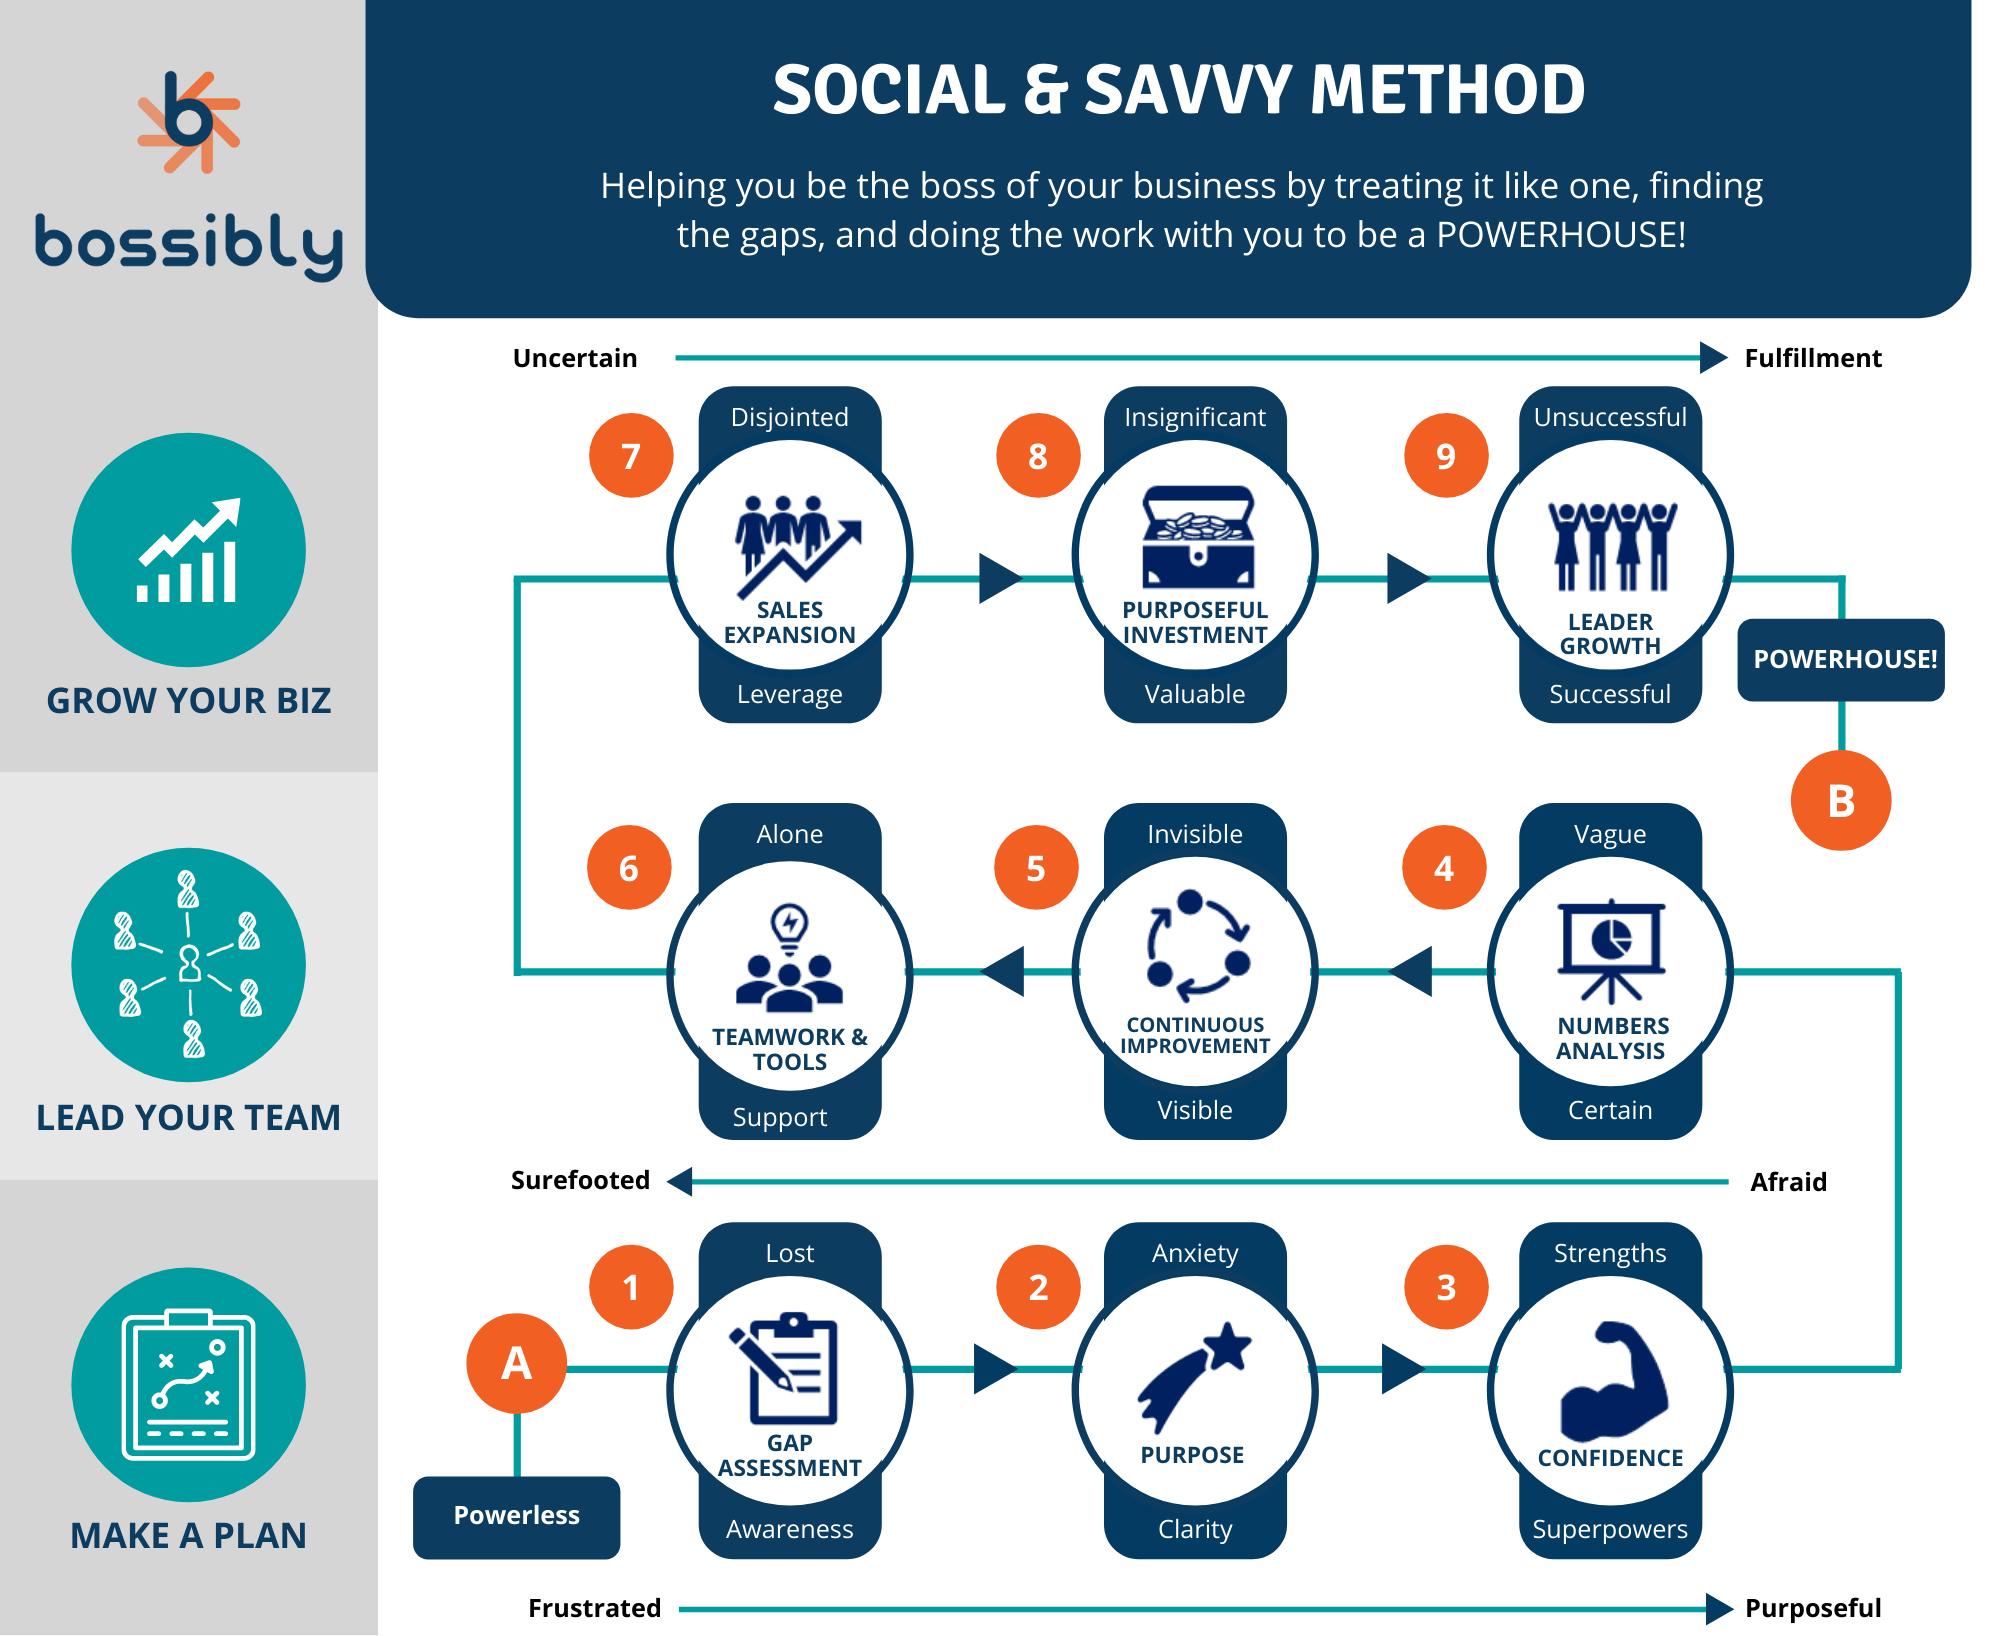 social + savvy method